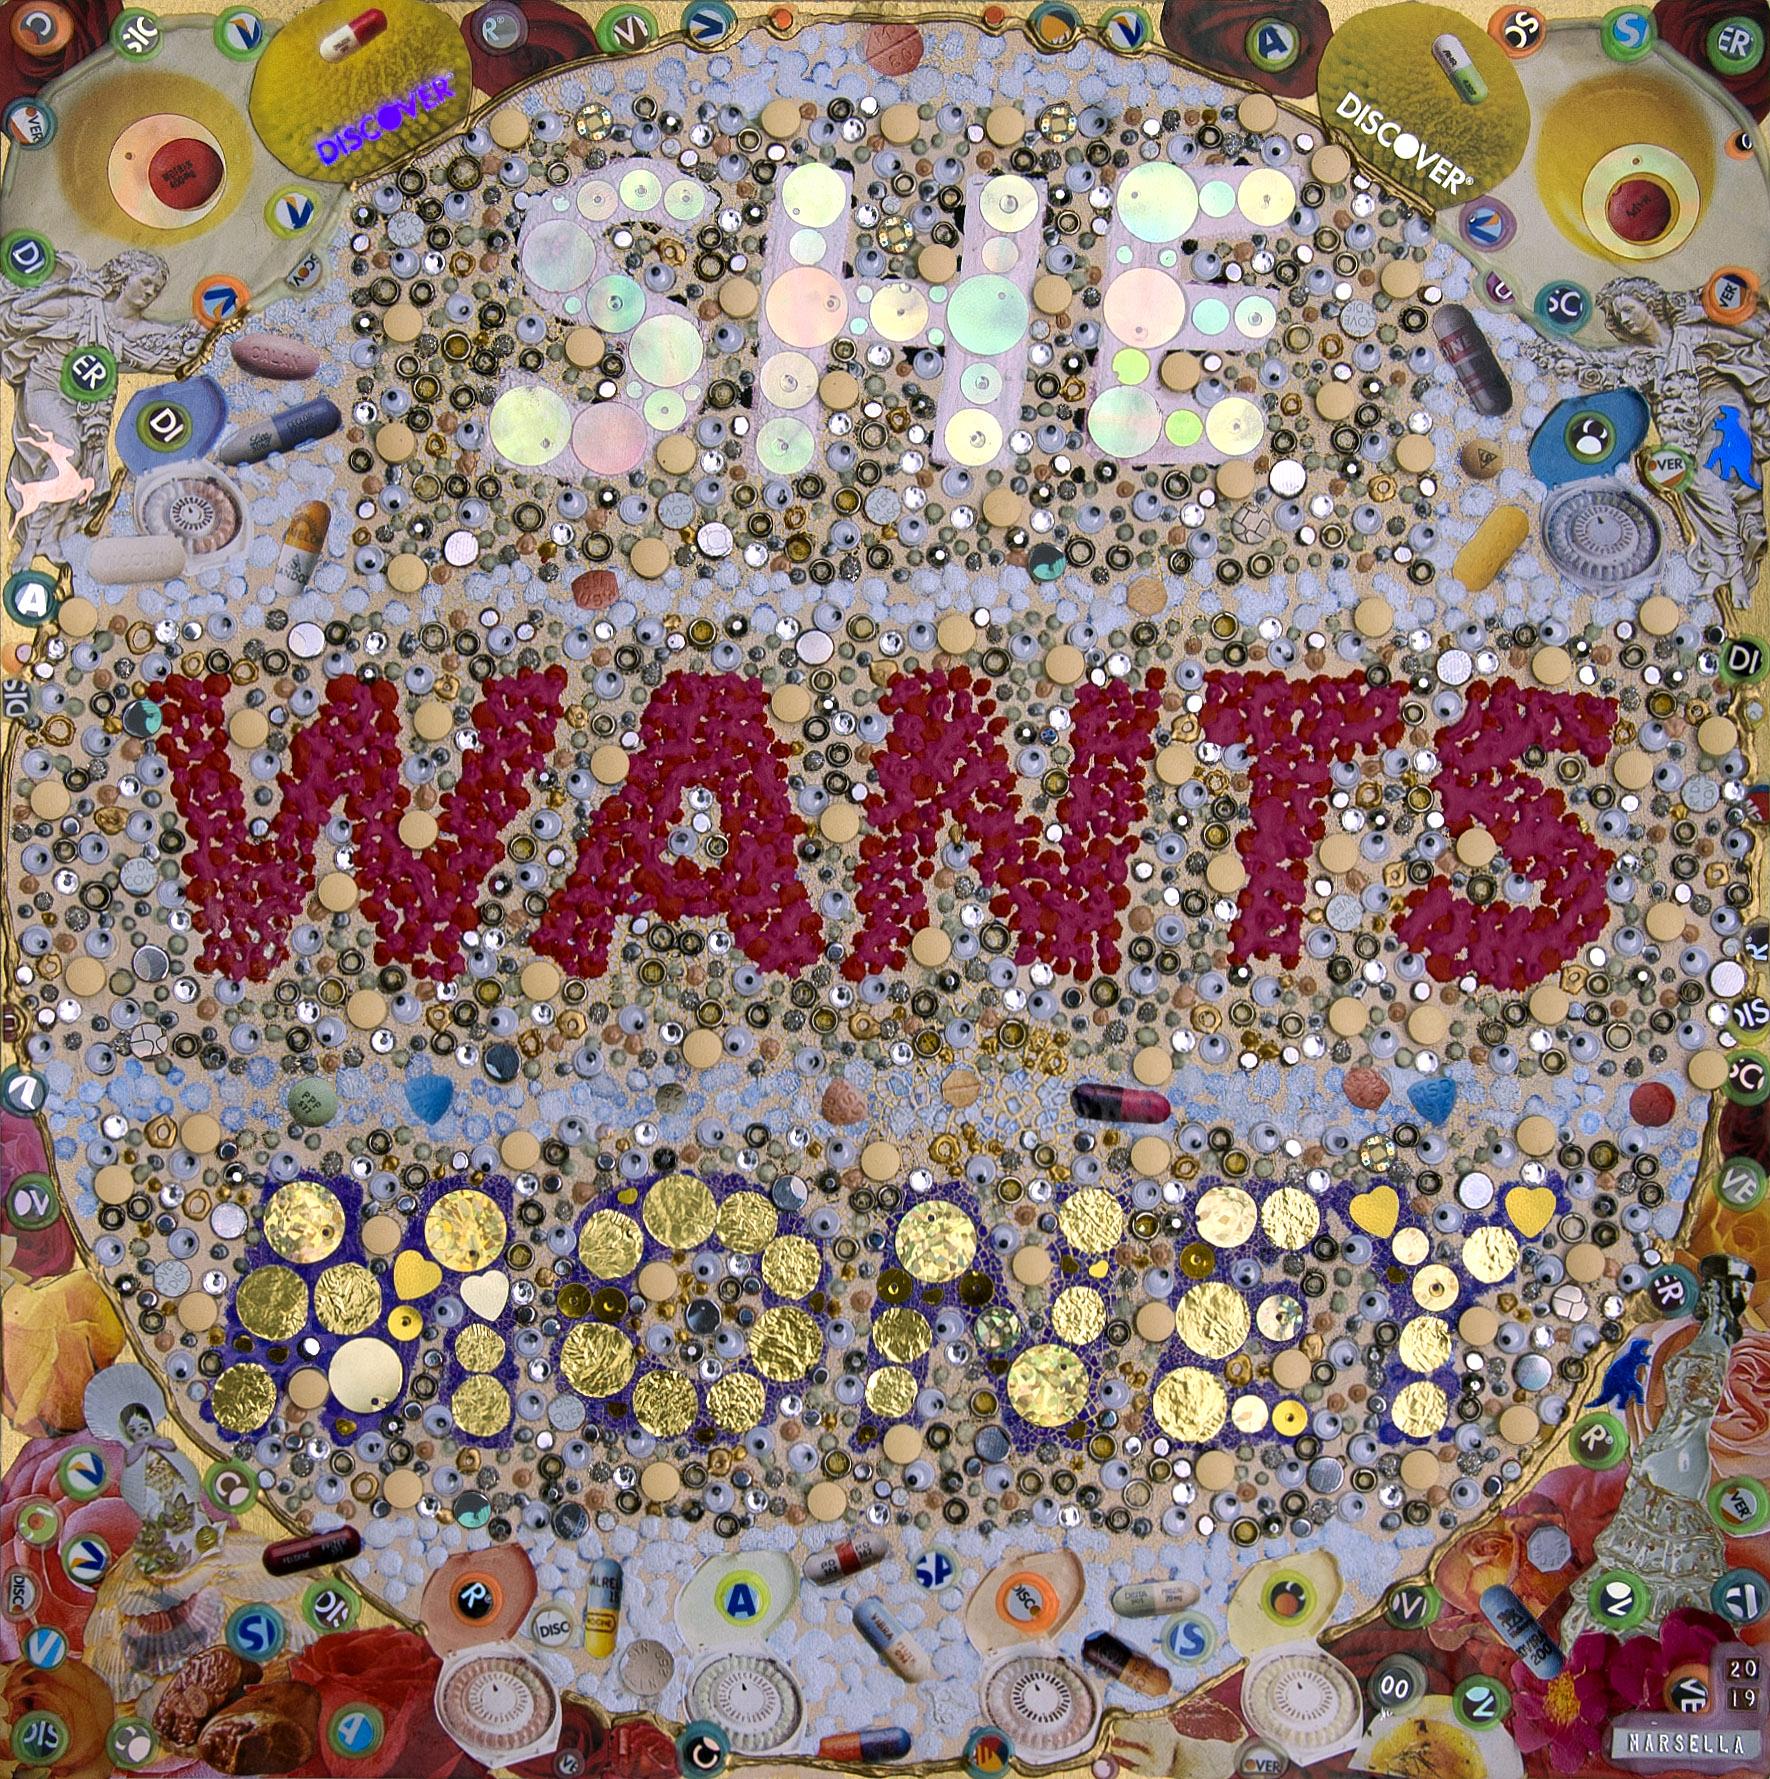 SHE WANTS MONEY